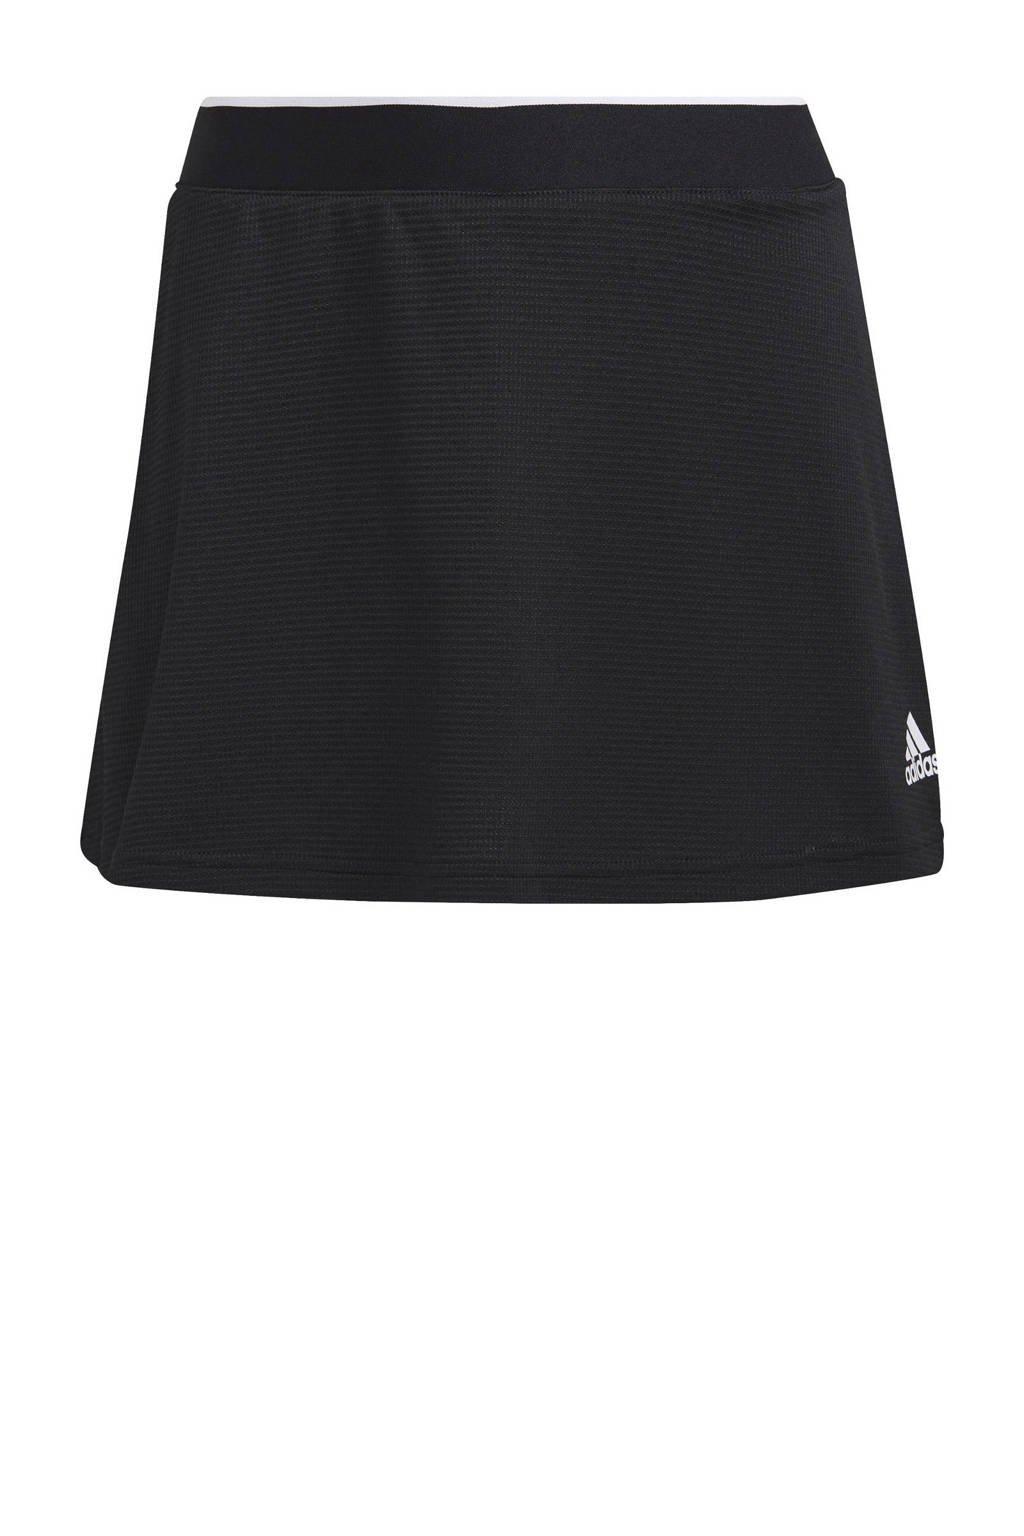 adidas Performance sportrokje zwart, Zwart/wit